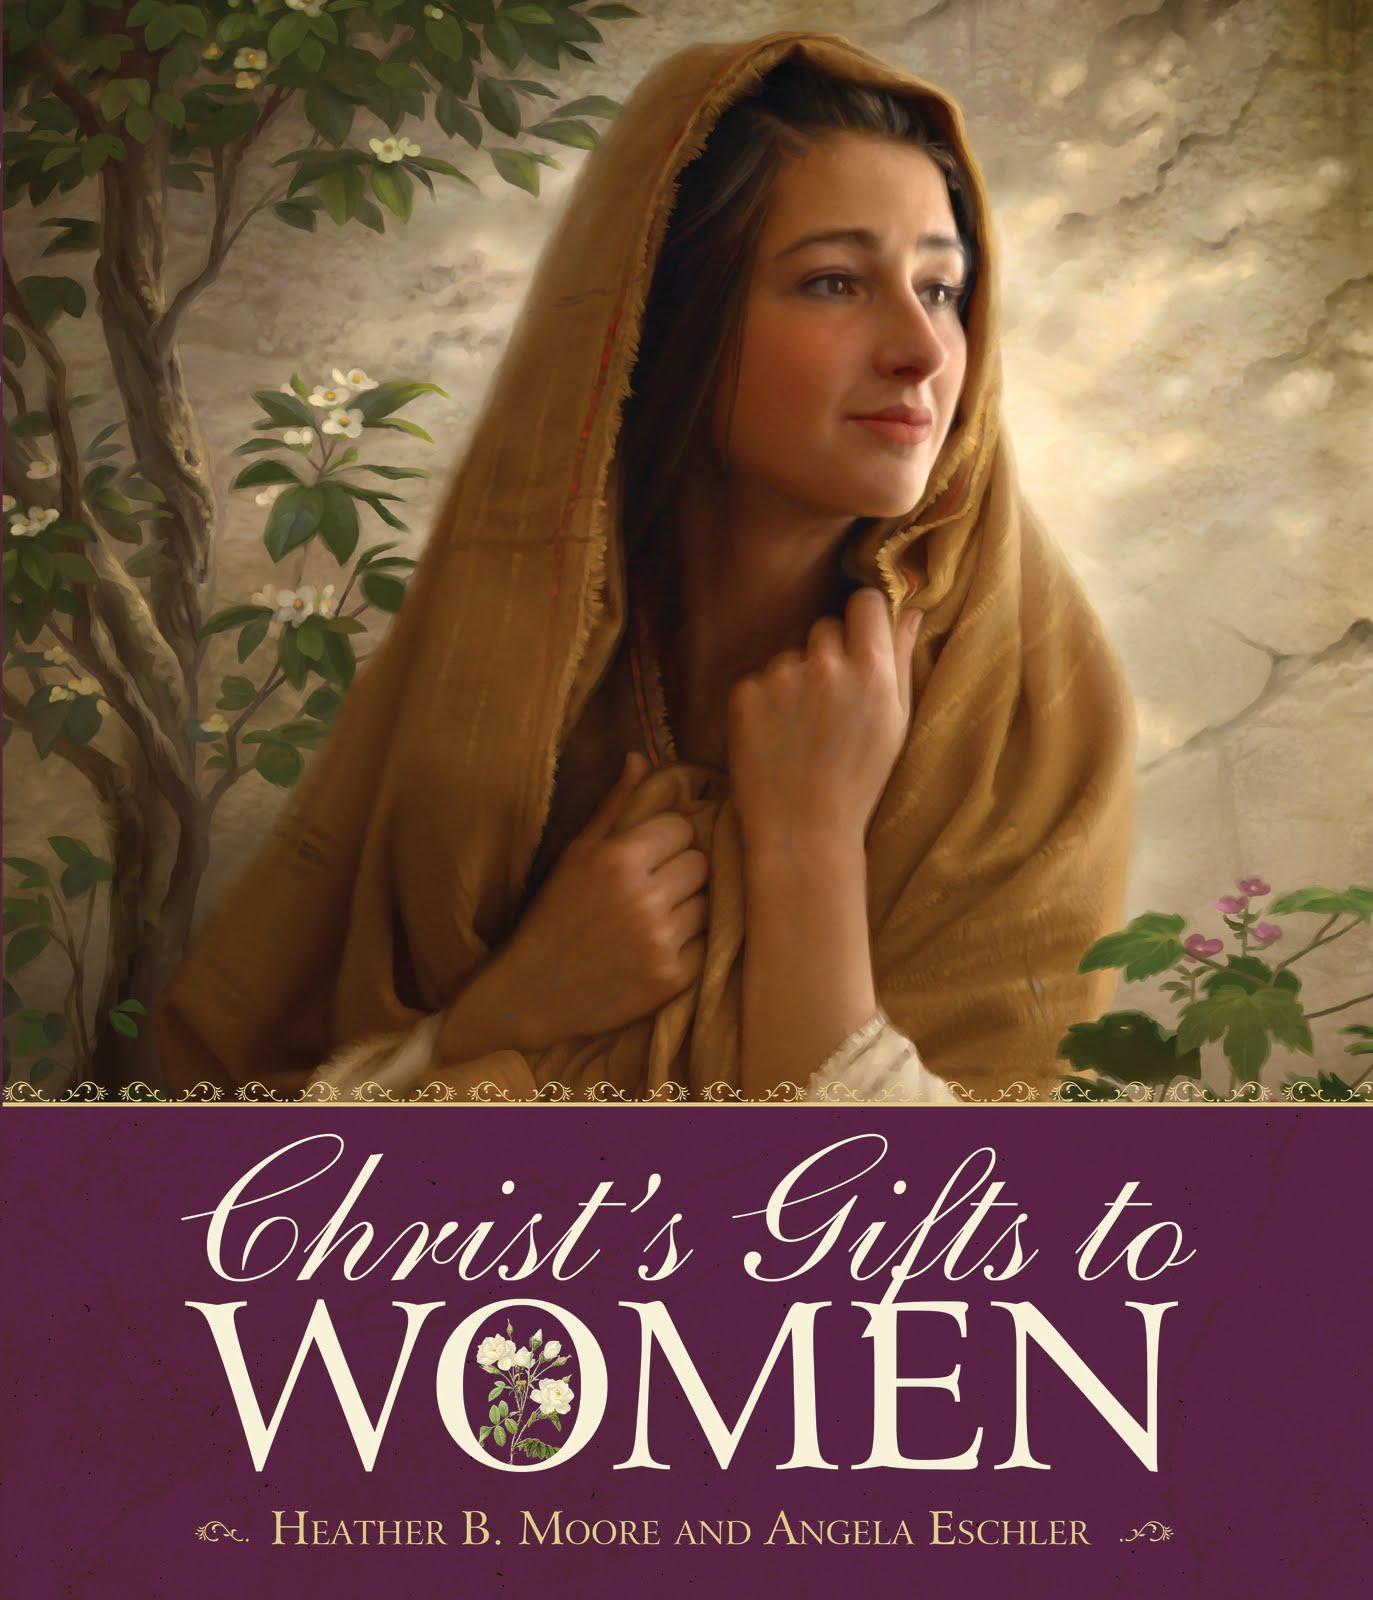 http://3.bp.blogspot.com/-9C5seSIJ2uY/T3yejY0rwCI/AAAAAAAAD94/PrJqJT9jsRc/s1600/Gifts%2Bto%2BWomen_DUST%2BJ.jpg